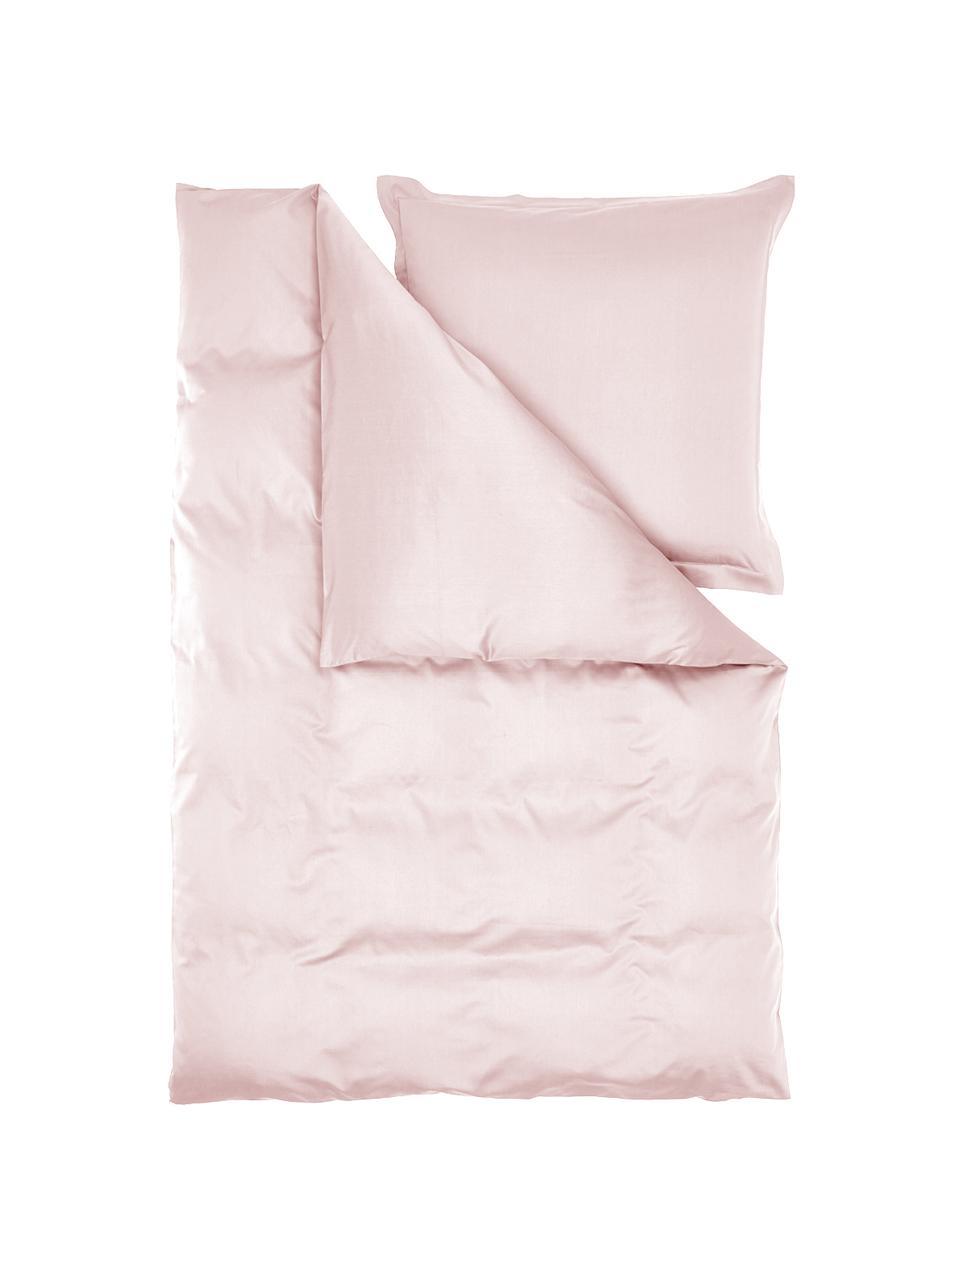 Satin-Bettwäsche Premium aus Bio-Baumwolle in Rosa mit Stehsaum, Webart: Satin Fadendichte 400 TC,, Rosa, 240 x 220 cm + 2 Kissen 80 x 80 cm